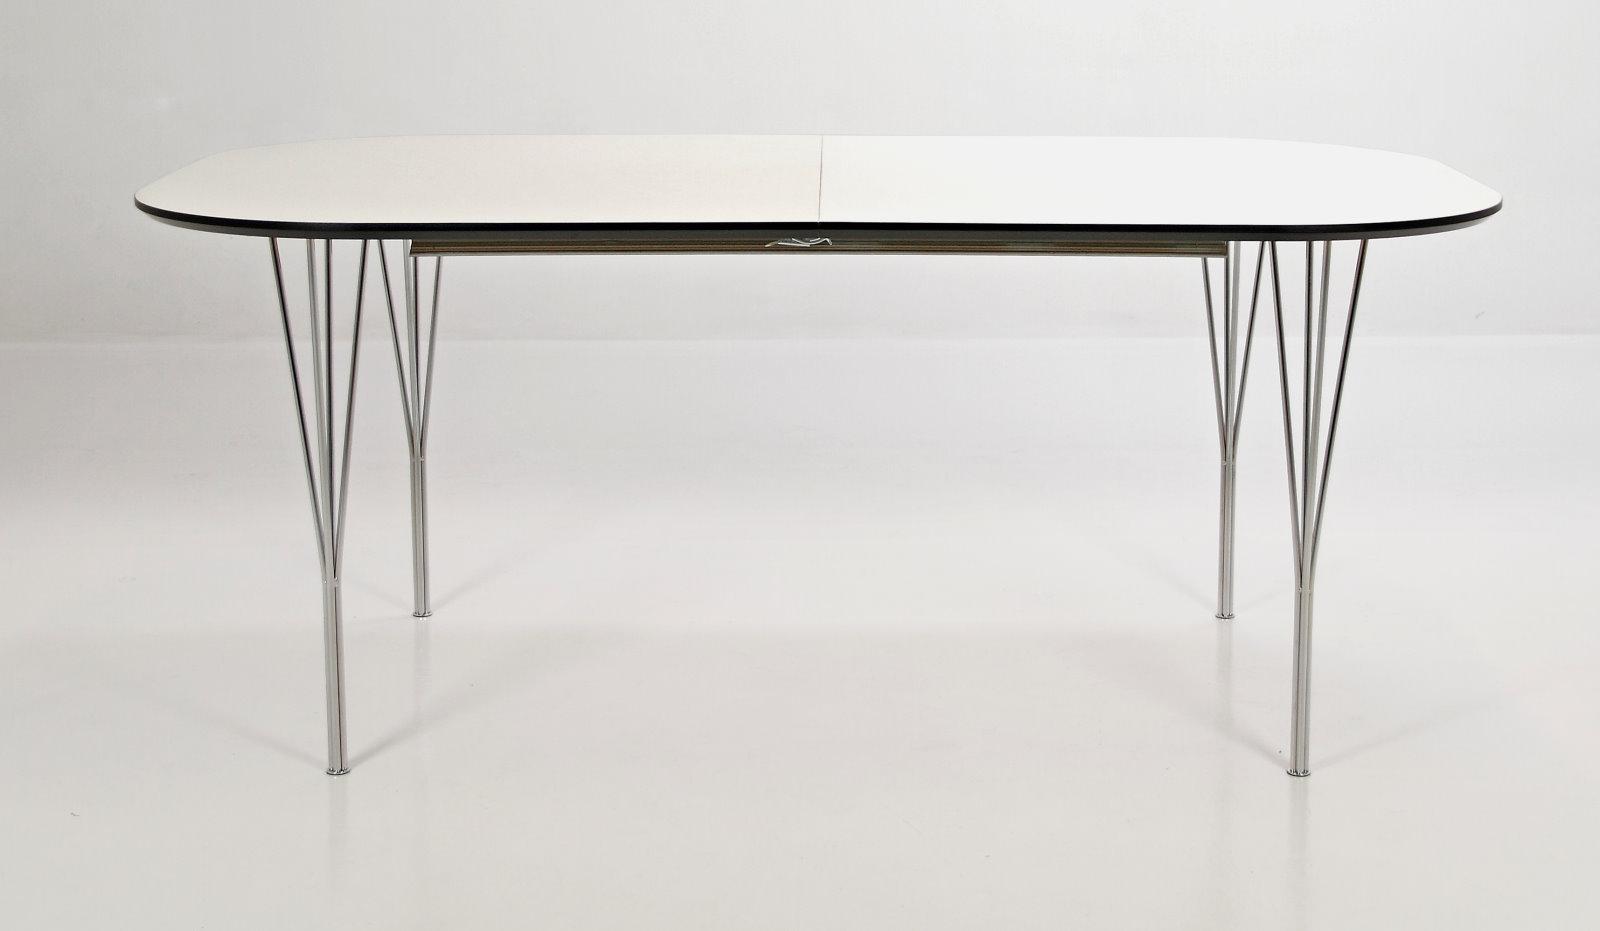 pkline esszimmertisch oval ausziehbar esstisch k chentisch 180 380x100 risch ebay. Black Bedroom Furniture Sets. Home Design Ideas